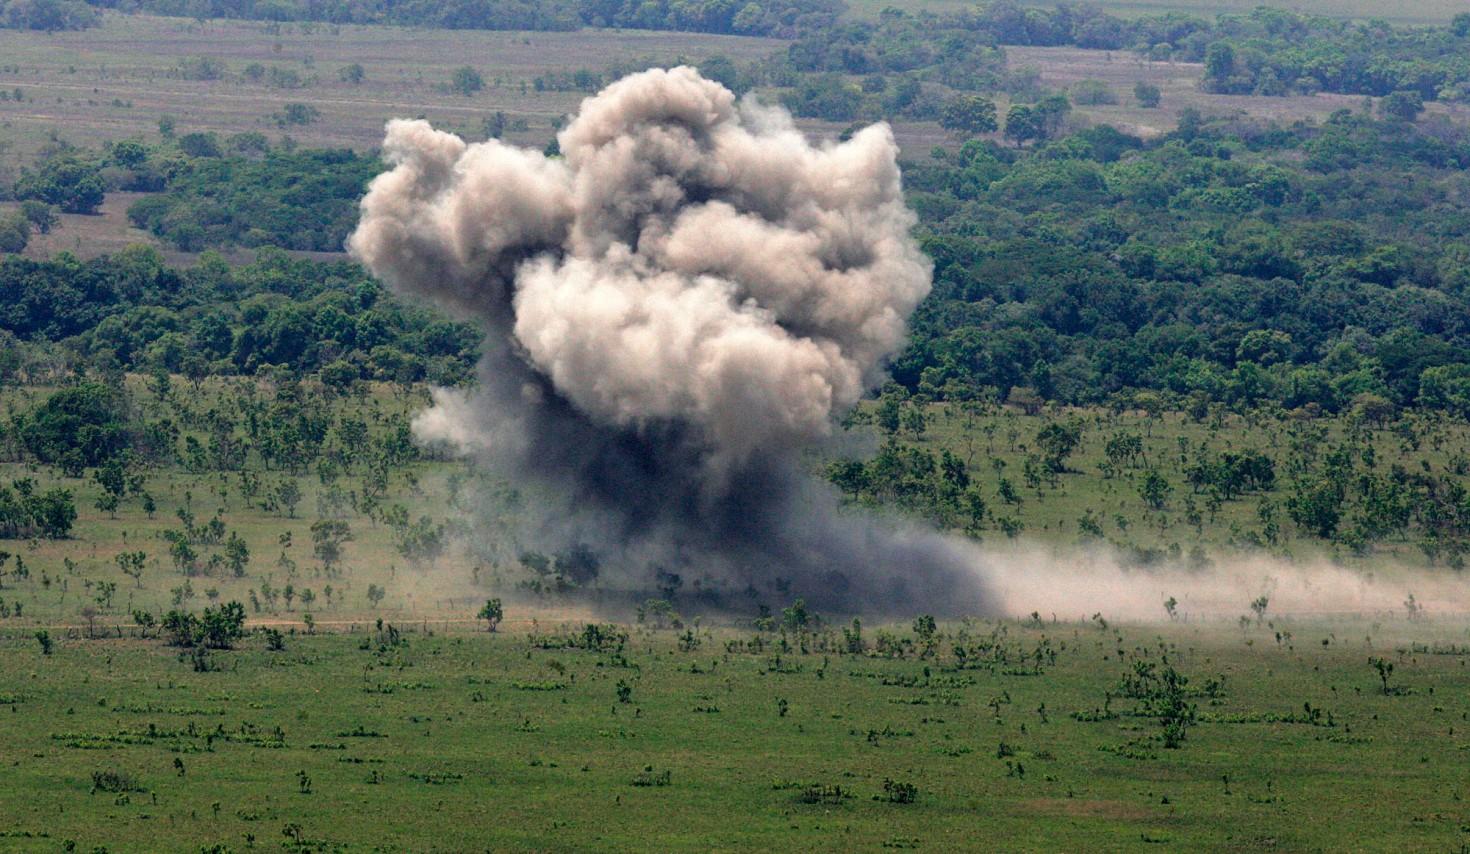 En mars 2008, l'armée vénézuélienne bombarde une piste clandestine utilisée par les narco-trafiquants (©Reuters)